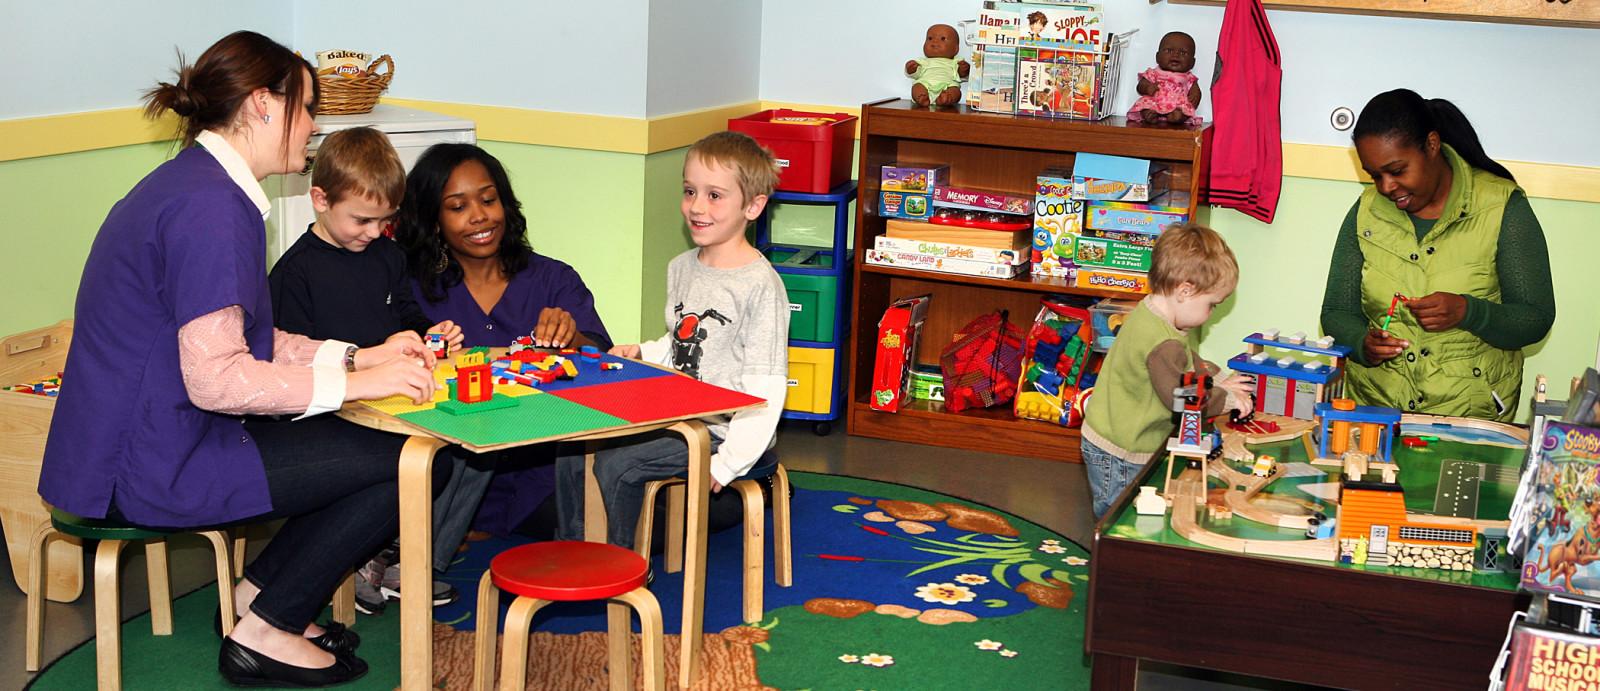 ChicagoCAC Child Life